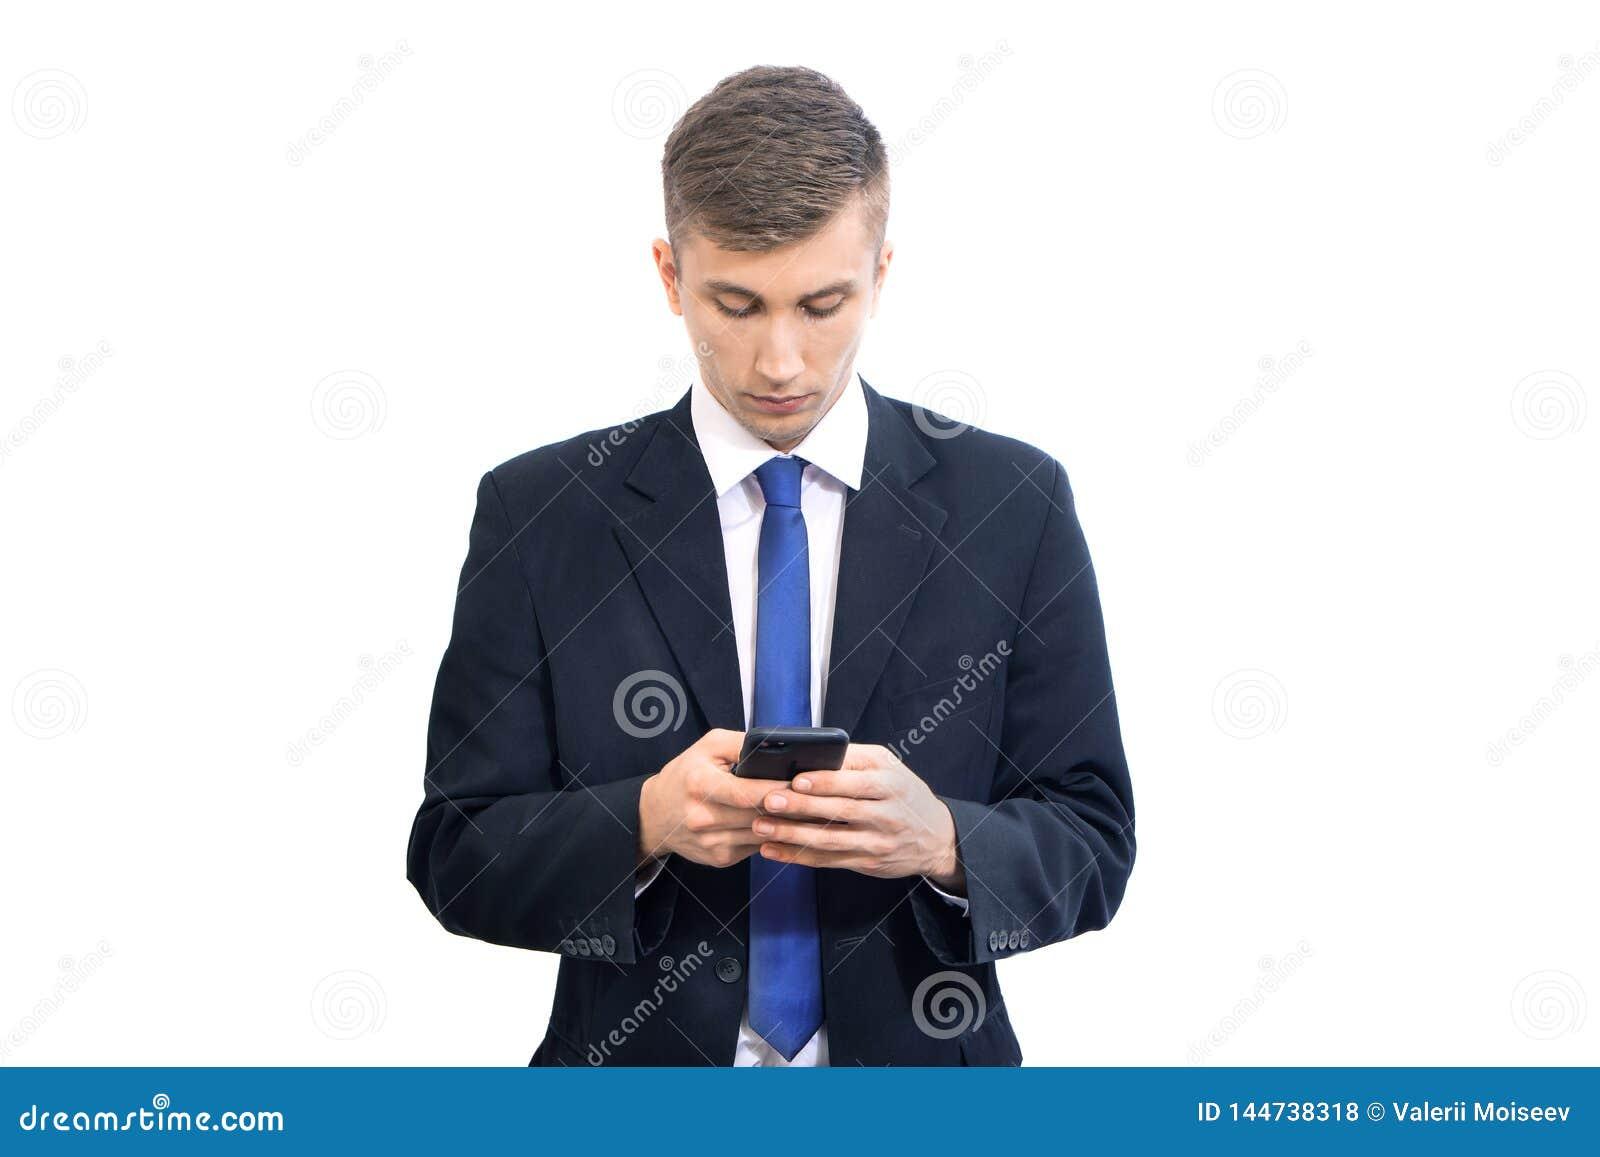 使用流动智能手机的年轻可爱的严肃的商人,隔绝在白色